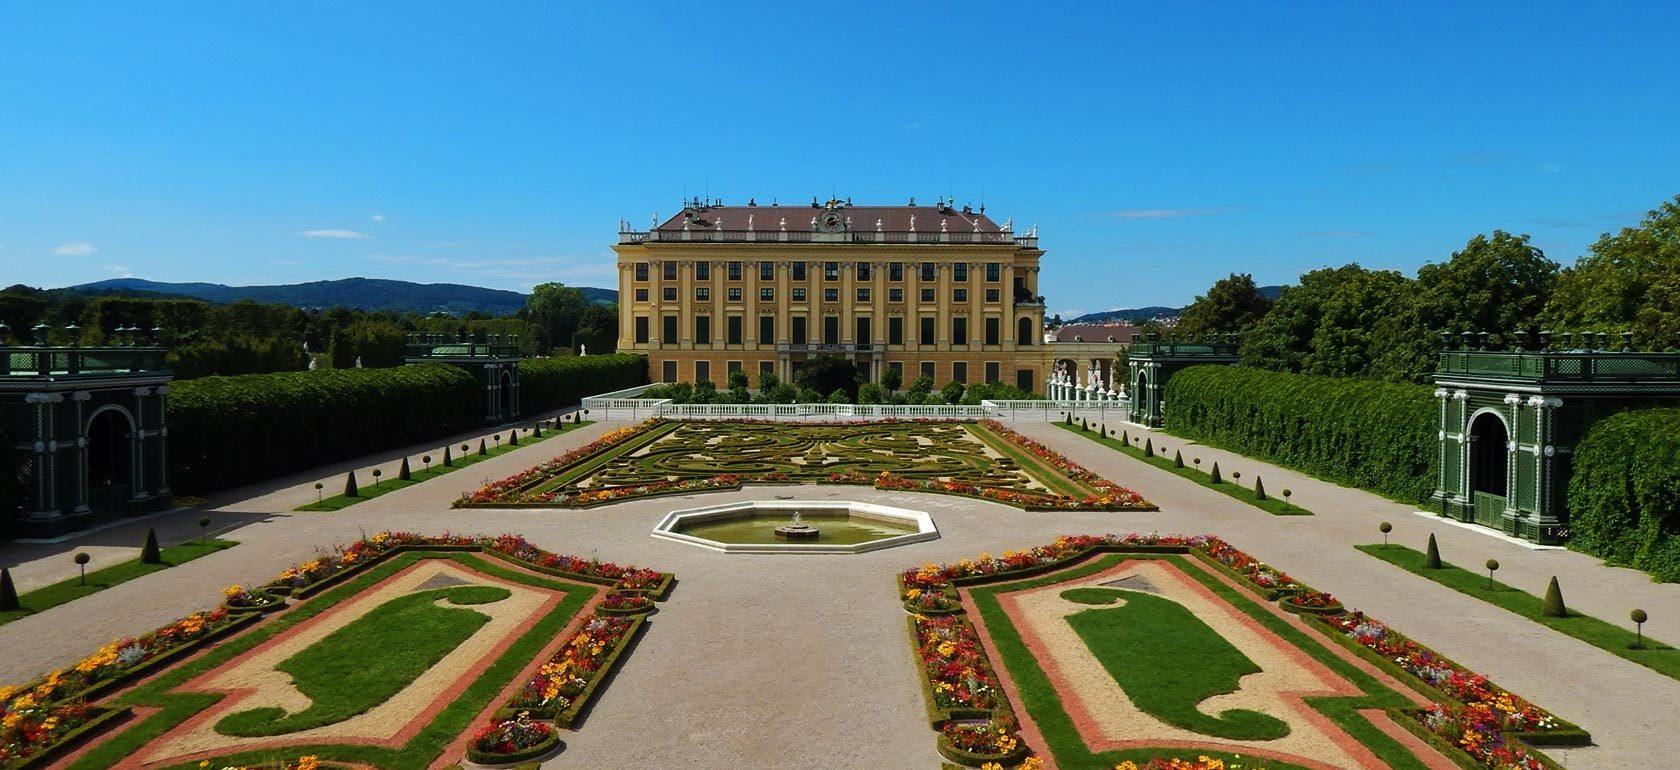 Vista del Palacio de Schönbrunn desde la escalinata